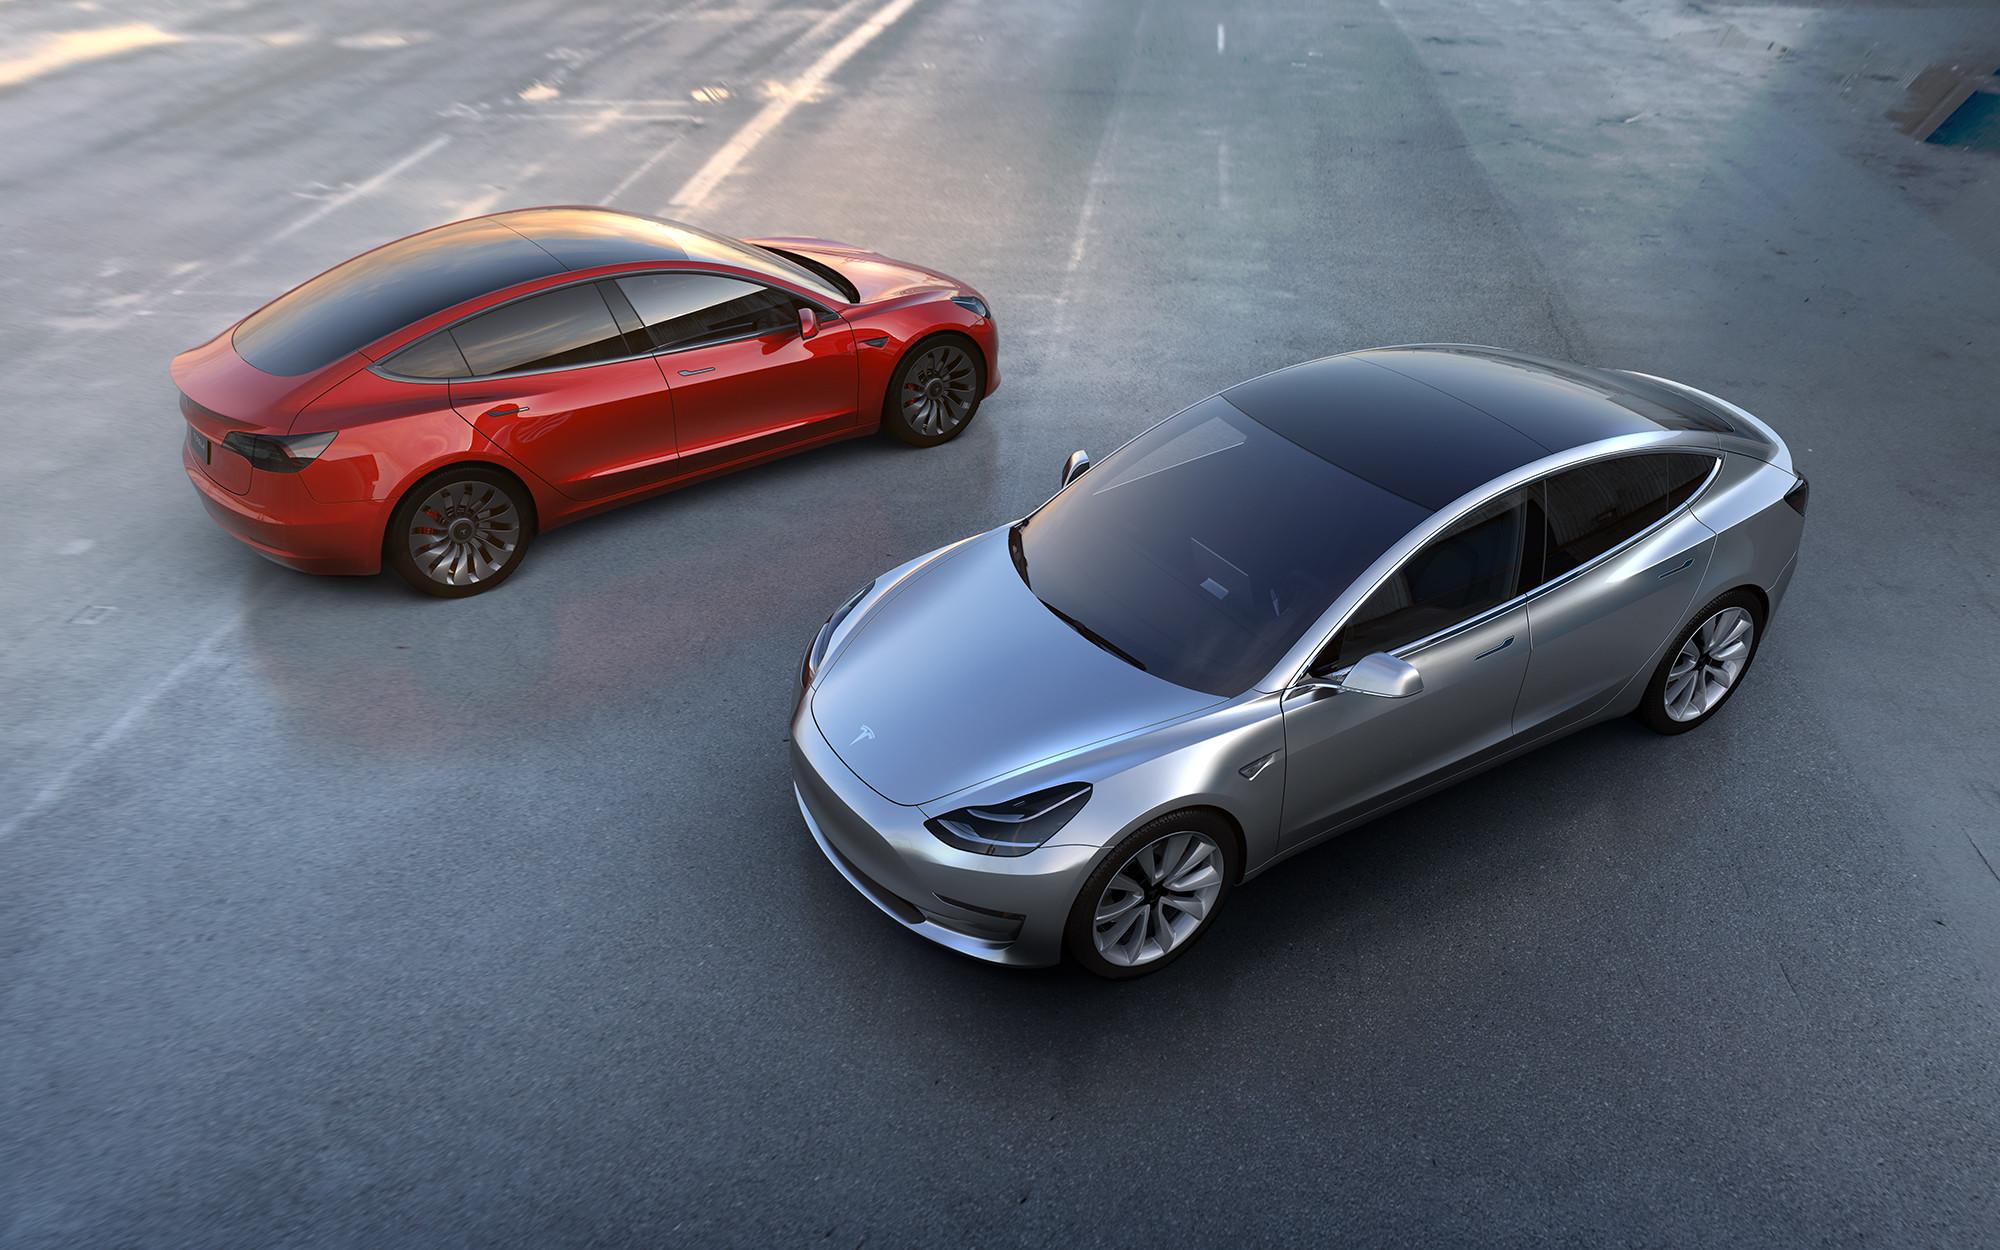 ¡Ya está aquí el Tesla Model 3! El eléctrico de 35.000 dólares y 346 kilómetros de autonomía 4